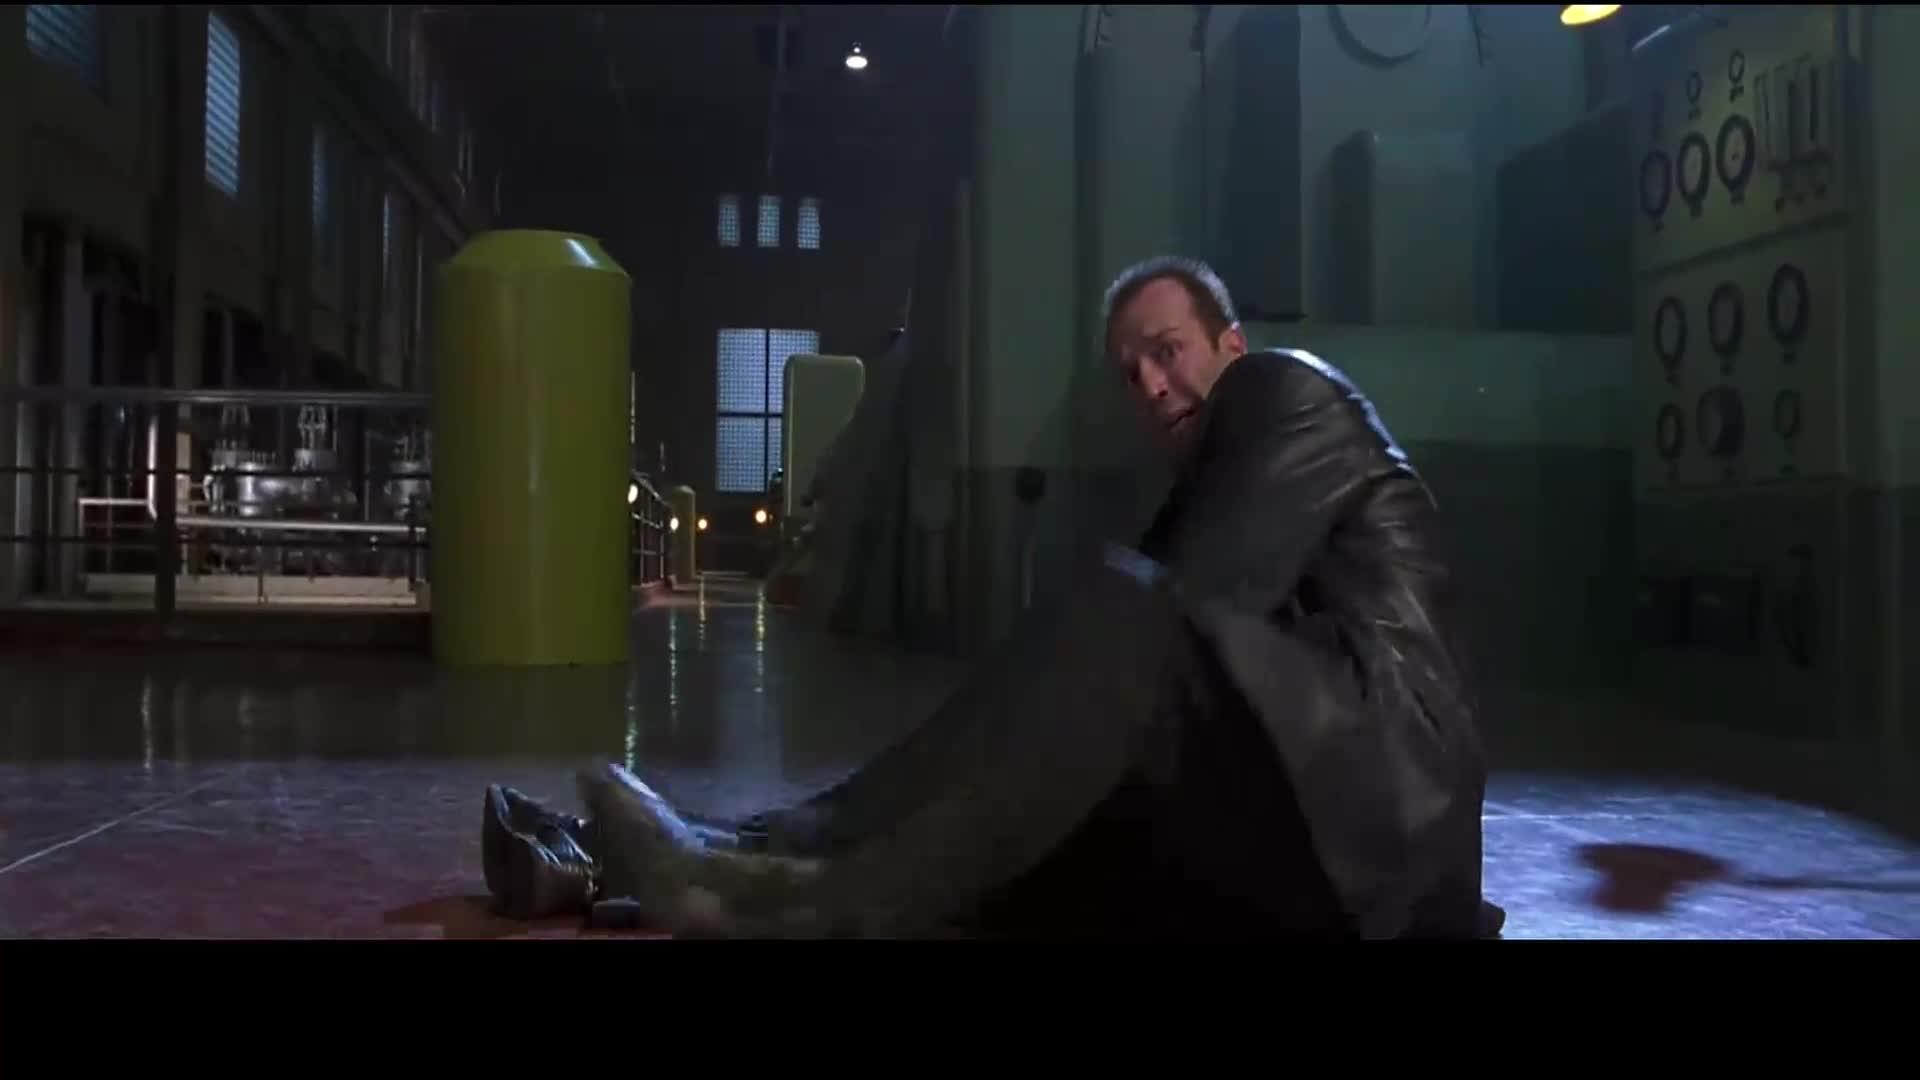 #宇宙追缉令#宇宙追缉令:两个李连杰相爱相杀,国际巨星斯坦森只能当配角